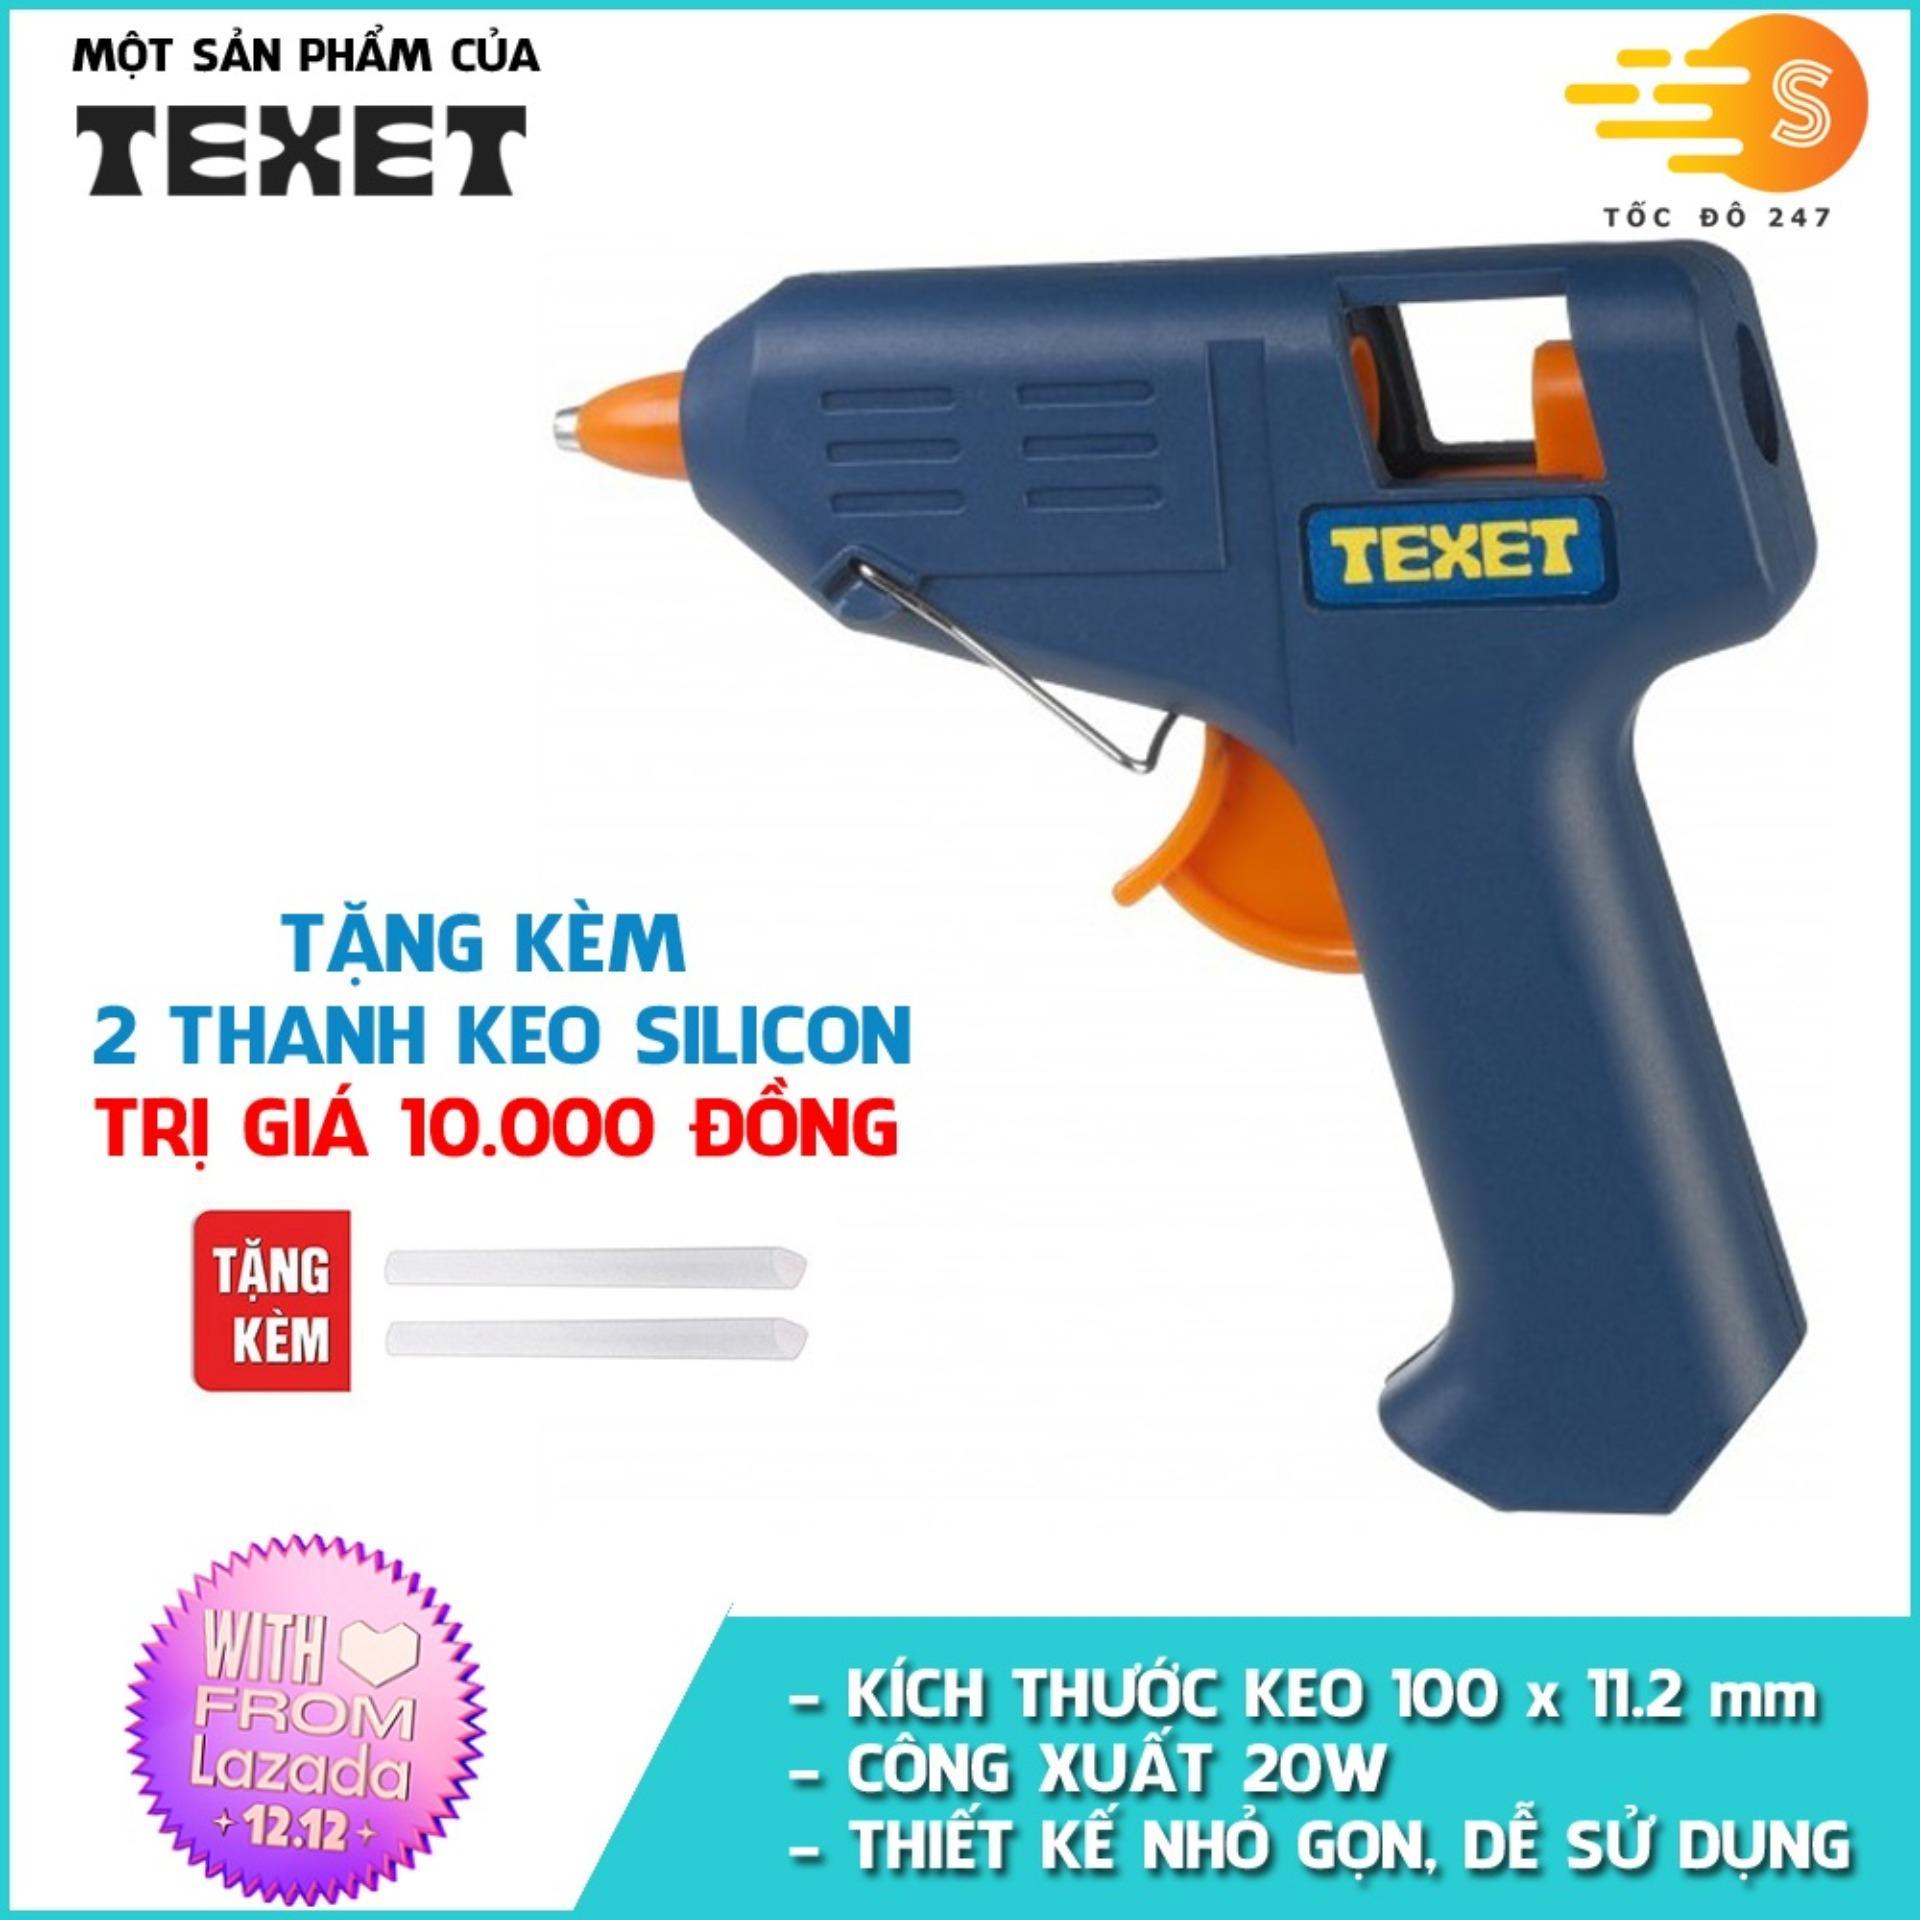 Súng bắn keo TEXET HH-158 (Tặng 2 thanh keo)